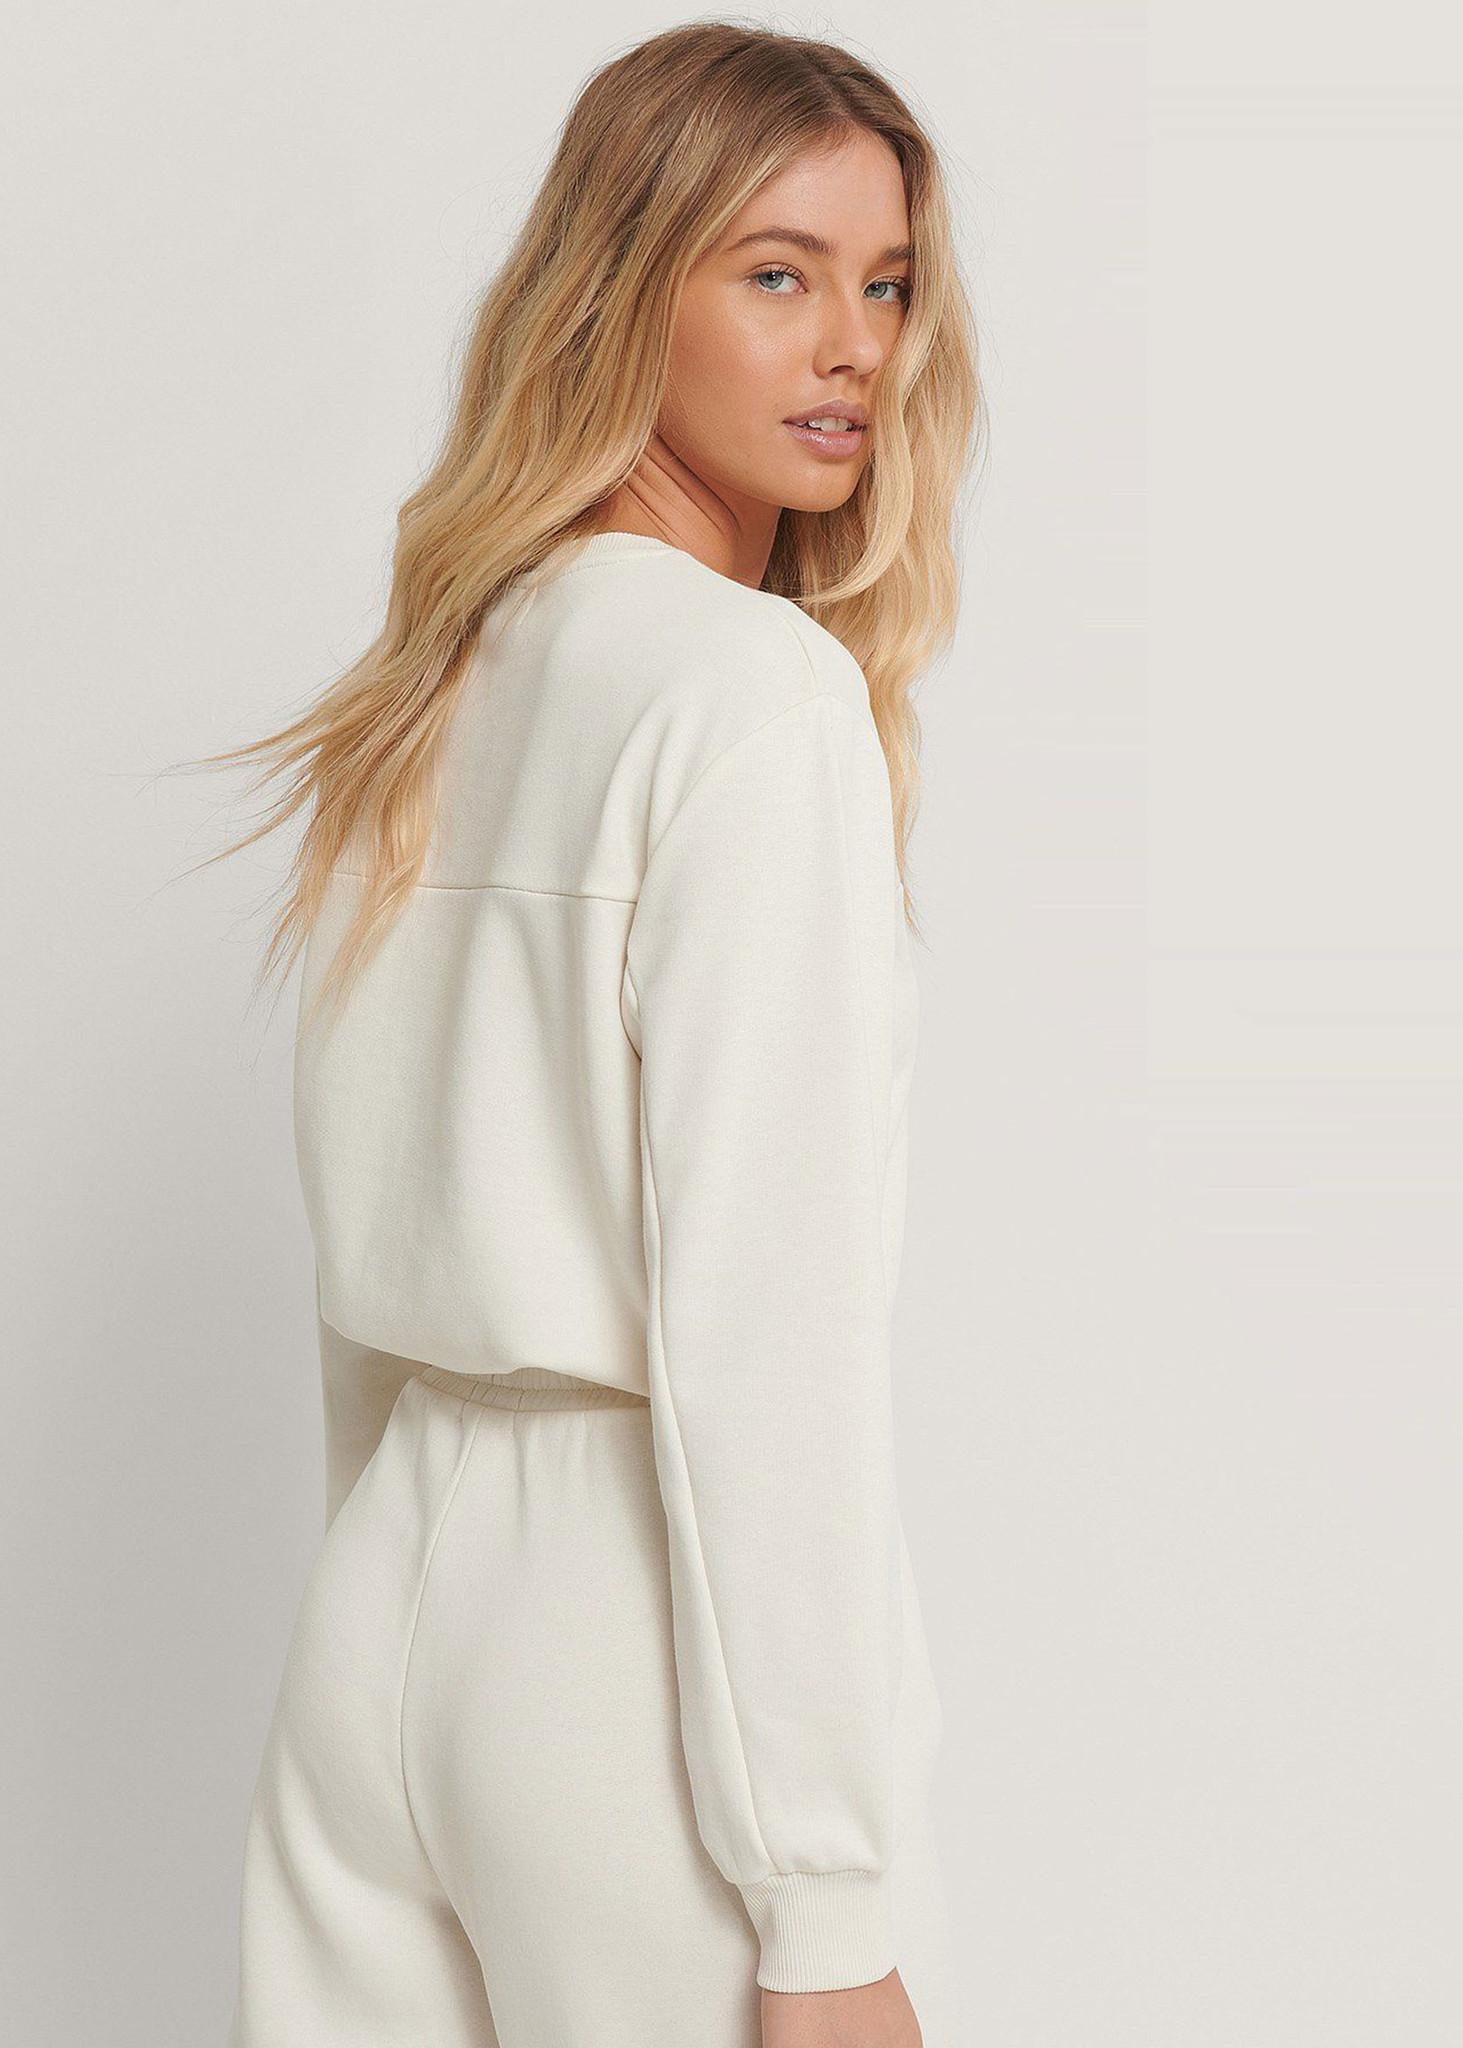 Cropped Drawstring Sweatshirt-2